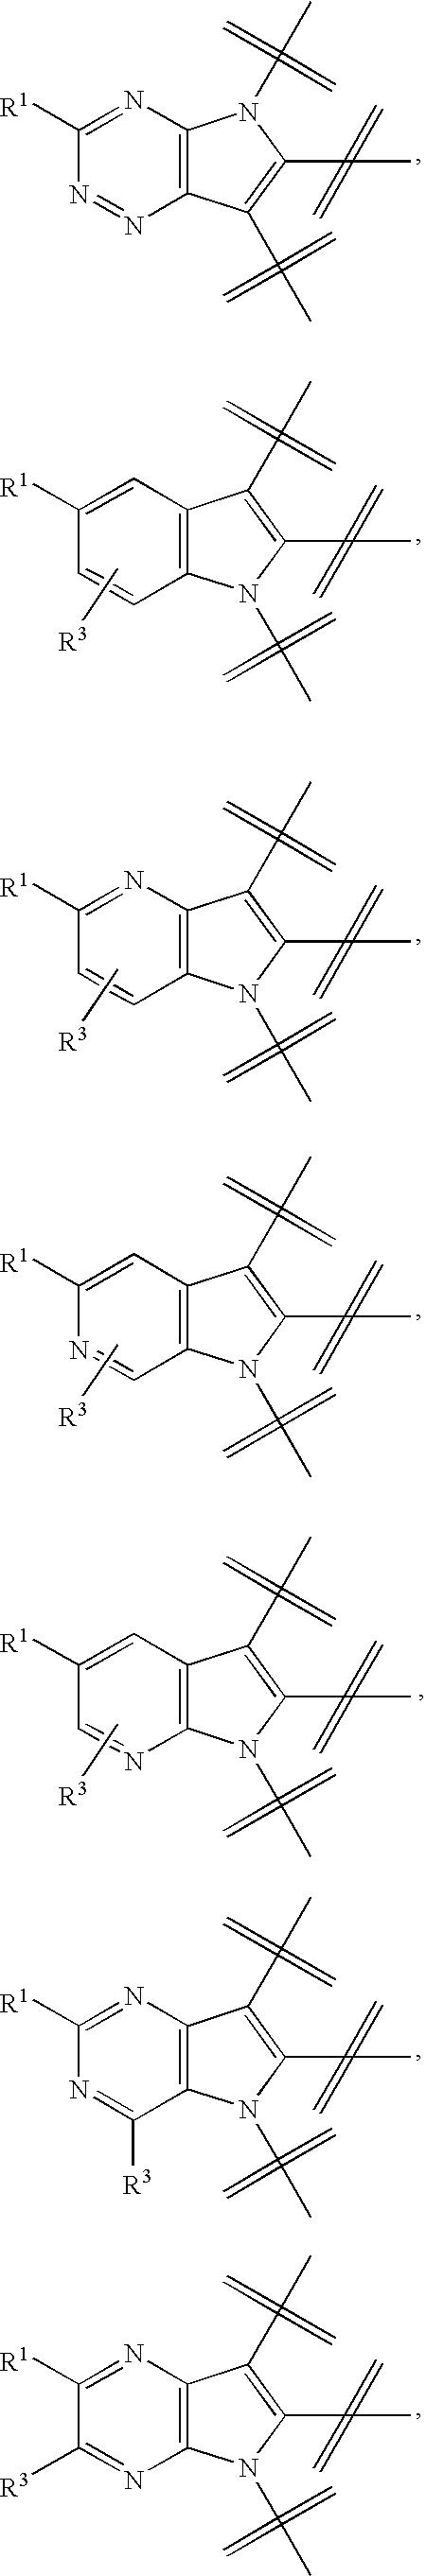 Figure US20070049593A1-20070301-C00065